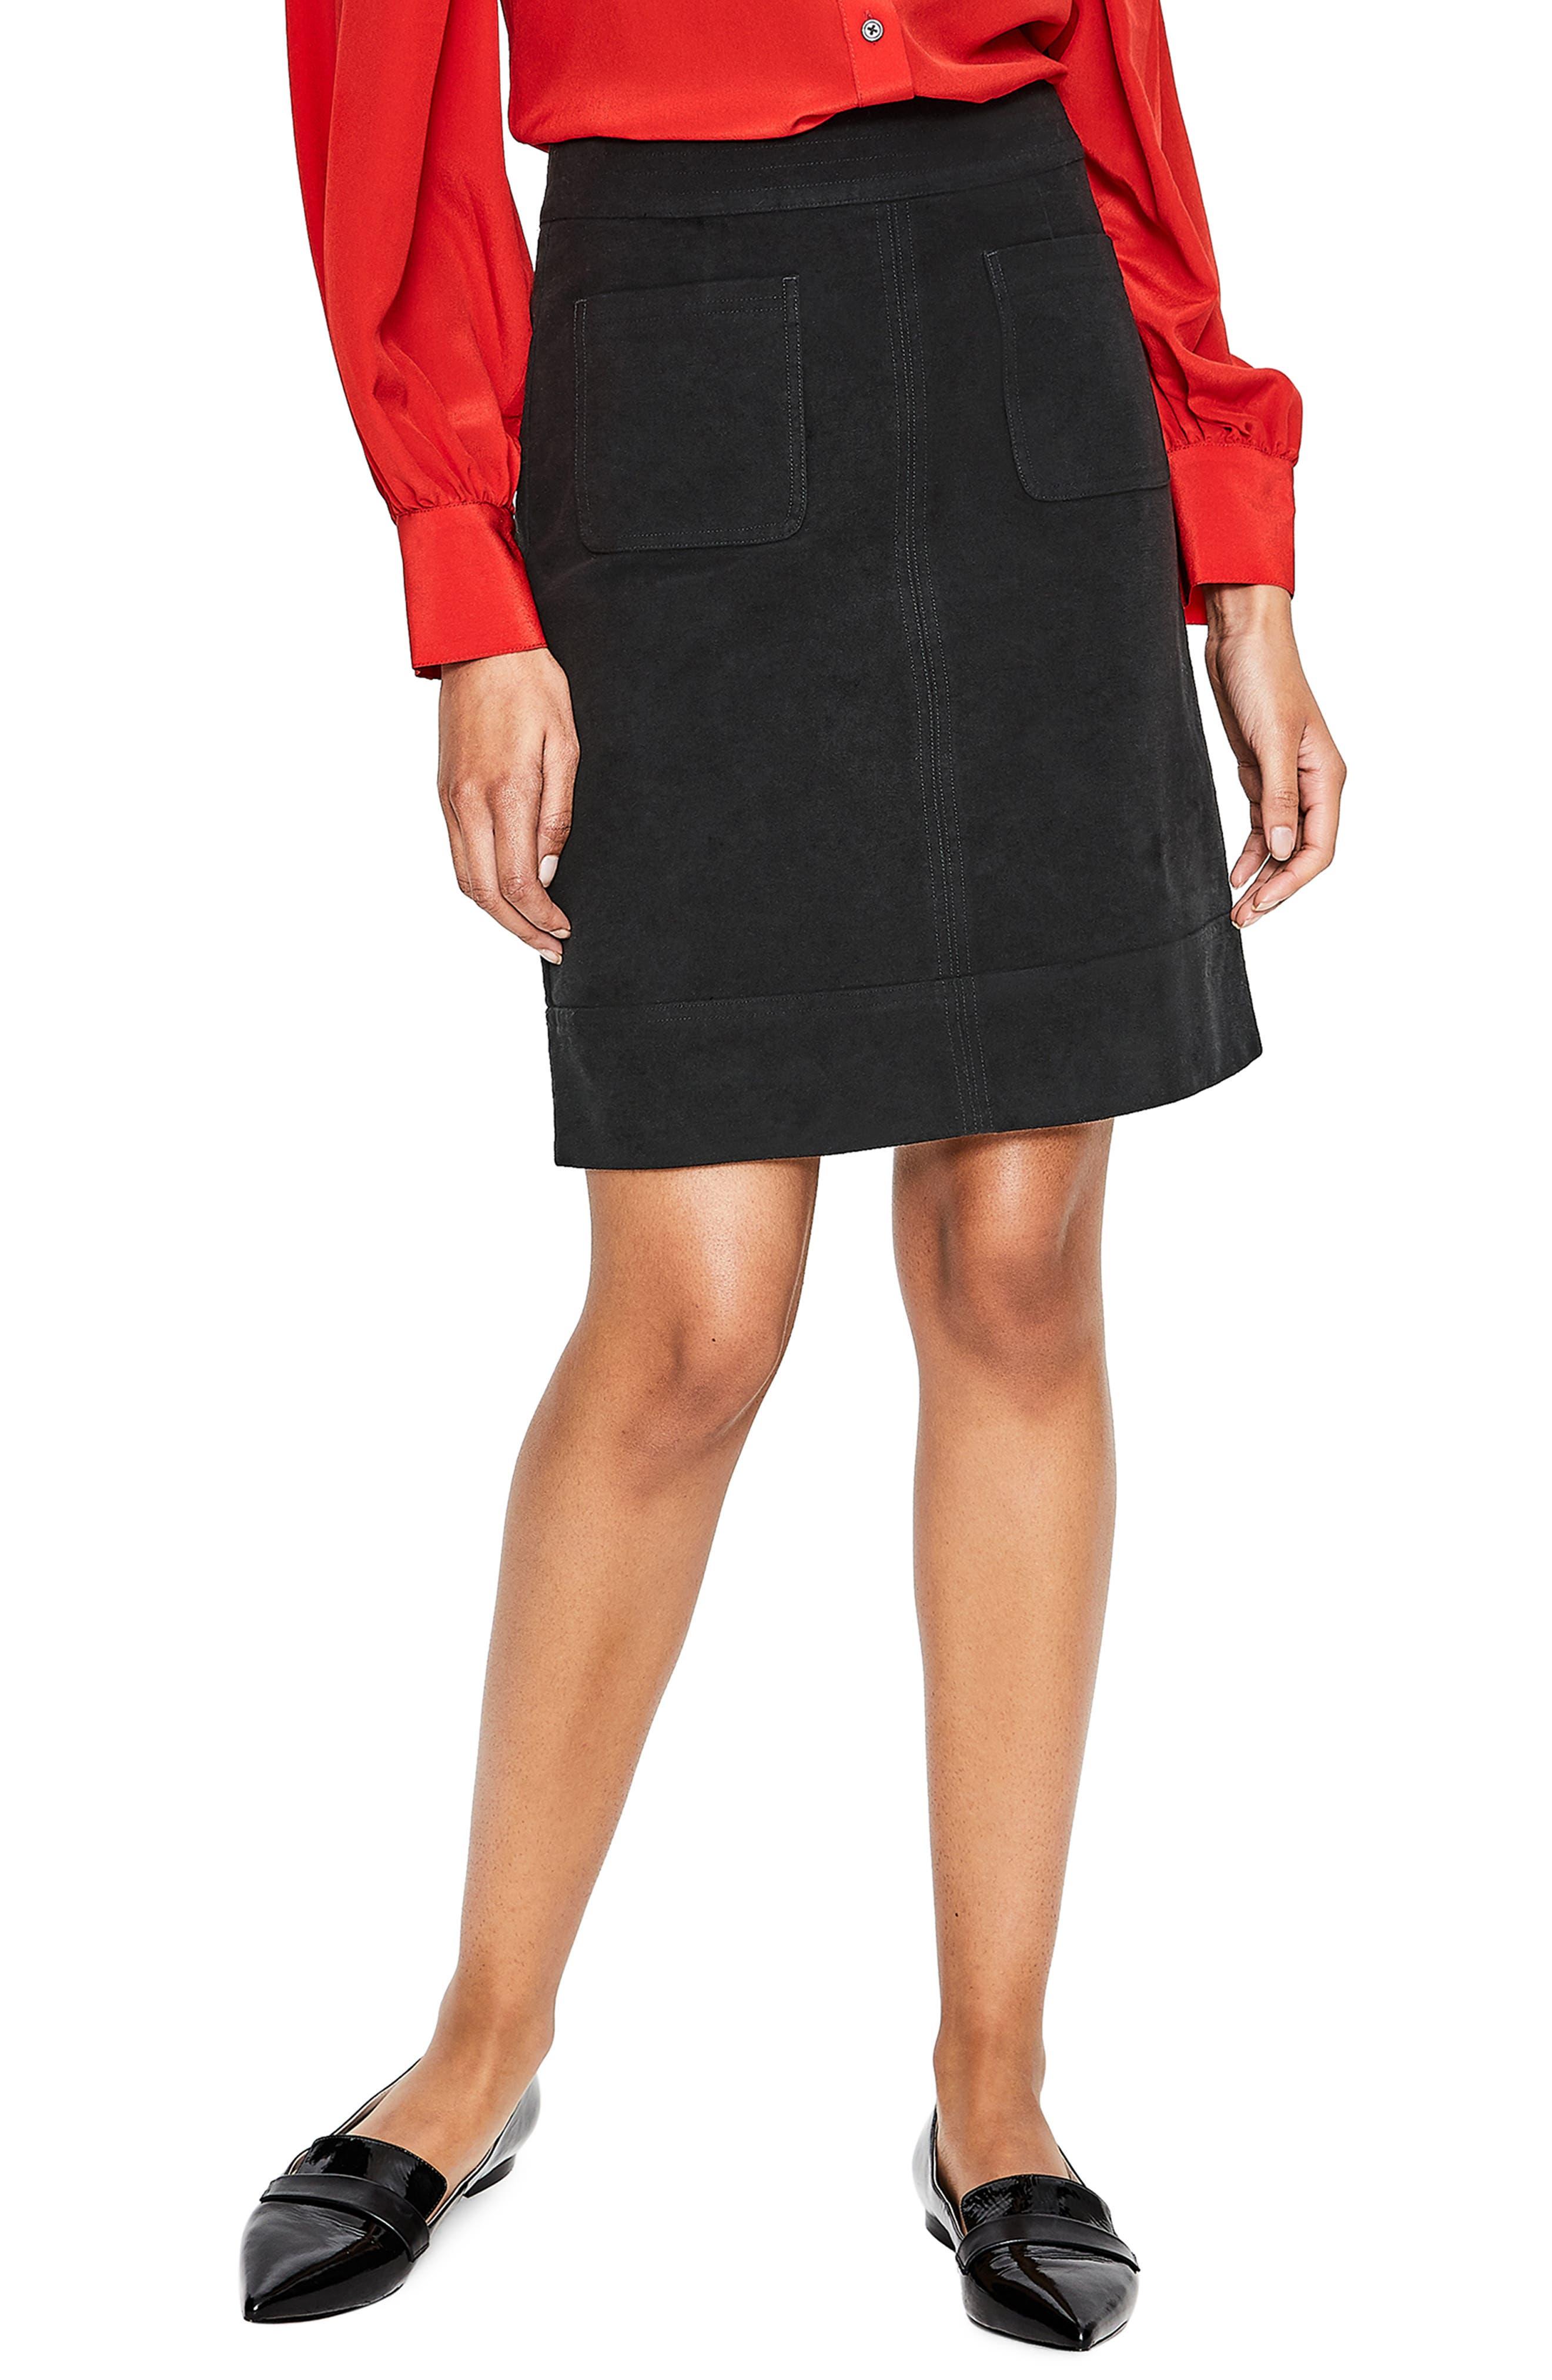 BODEN,                             Dorchester Patch Pocket Stretch Cotton Miniskirt,                             Main thumbnail 1, color,                             001